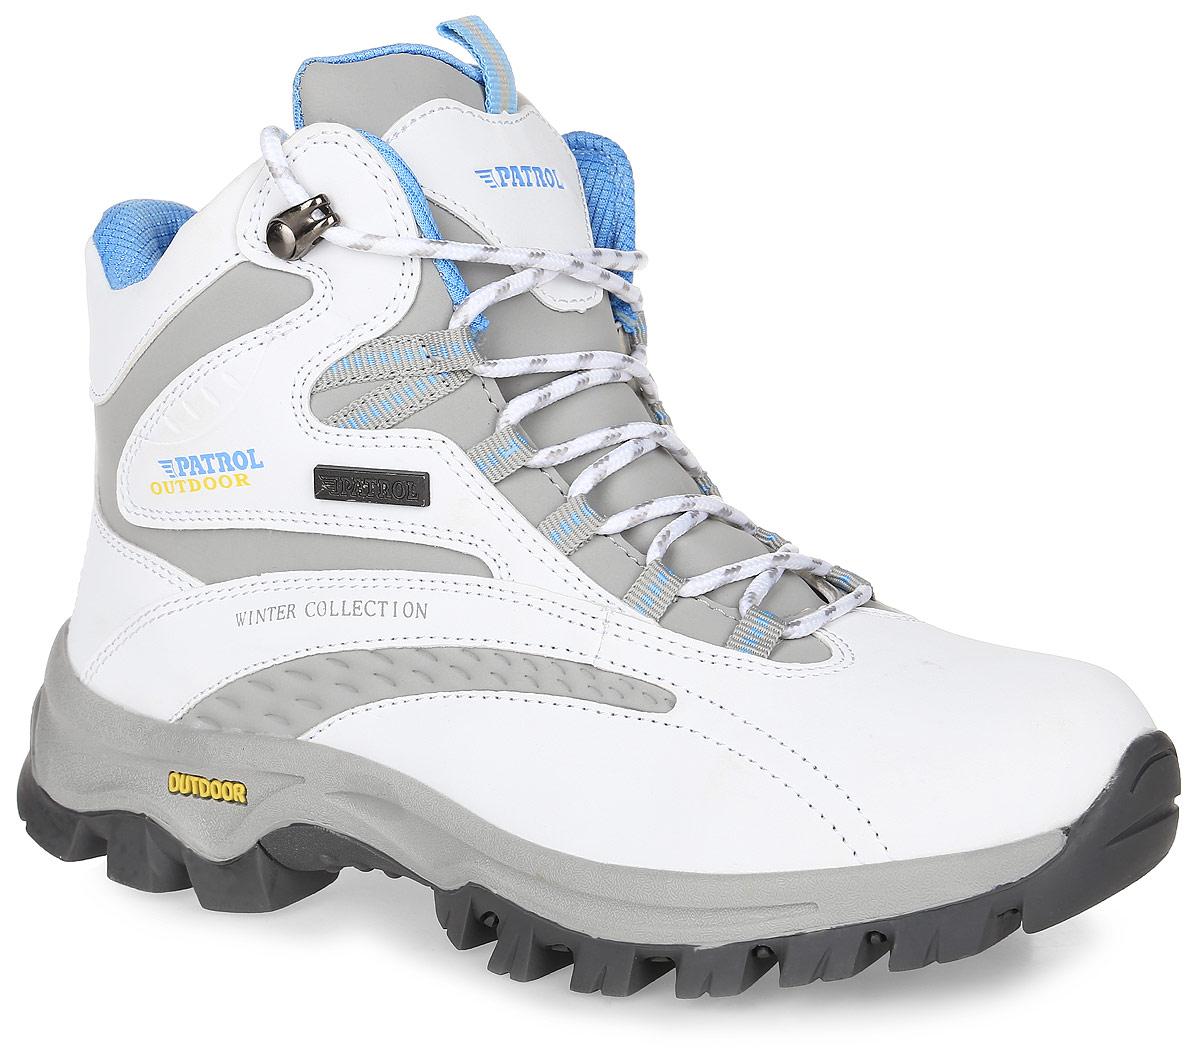 232-005IM-17w-01-10/5Женские ботинки от Patrol прекрасно подойдут для активного отдыха и пеших прогулок. Модель выполнена из искусственной кожи. Подкладка, исполненная из искусственного меха, сохранит ваши ноги в тепле. Съемная стелька EVA с поверхностью из искусственного меха обеспечивает отличную амортизацию и максимальный комфорт. Шнуровка позволяет оптимально зафиксировать модель на ноге. Подошва с протектором гарантирует надежное сцепление на любых поверхностях.